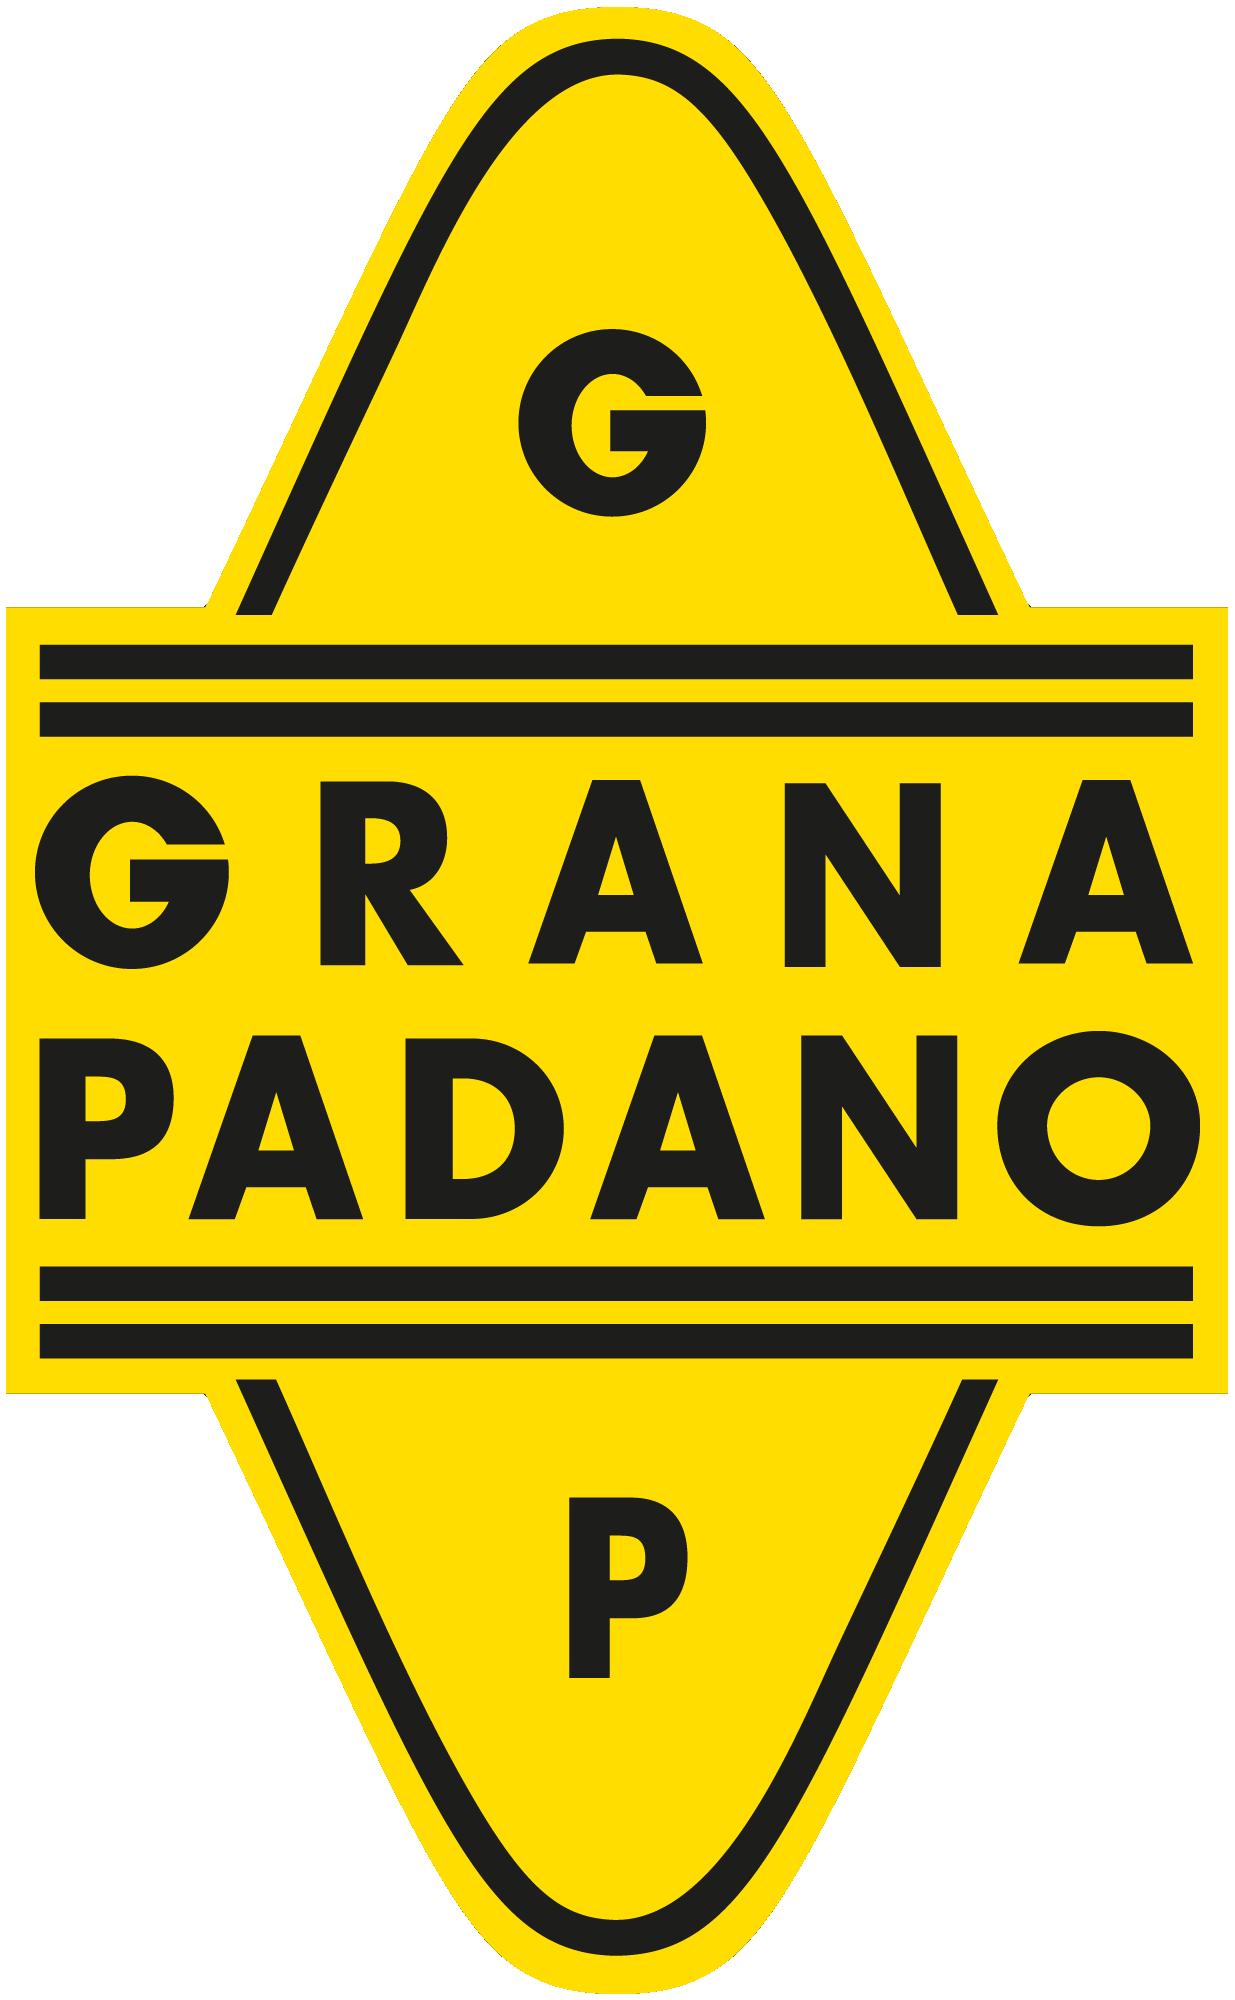 Grana Padano cheese brand